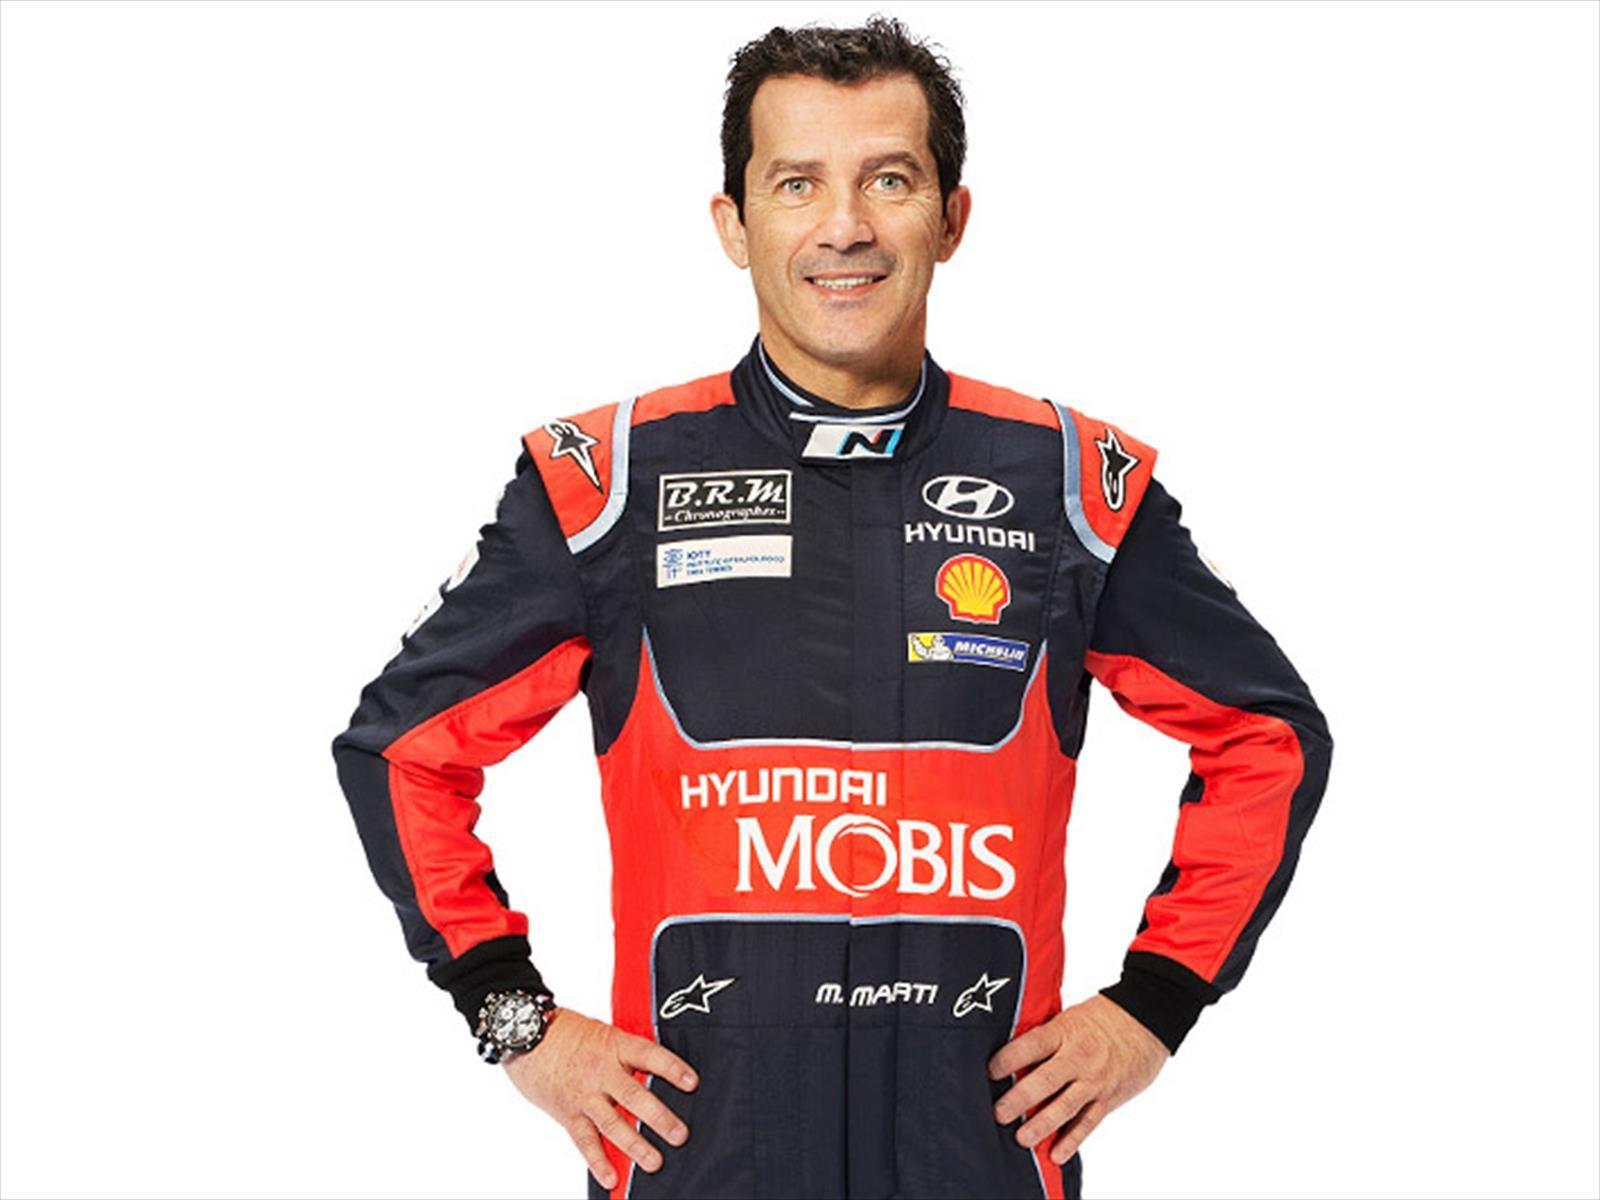 Marc Martí, copiloto de Dani Sordo, se presentará en Chile para realizar clases de navegación